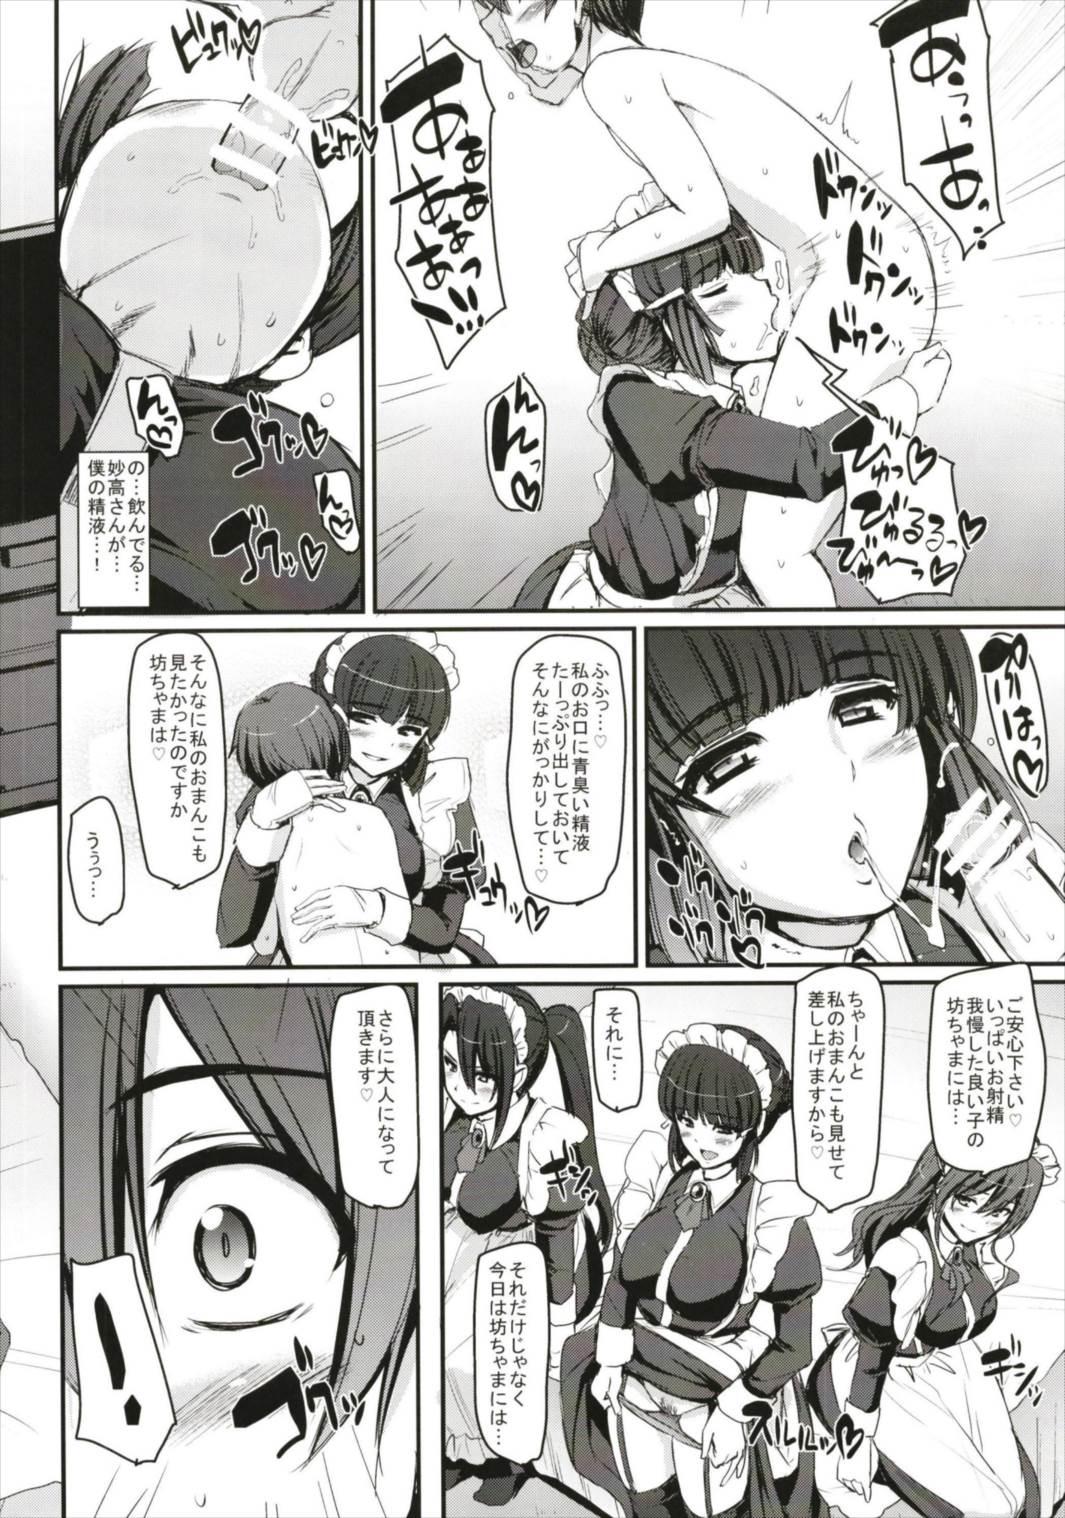 【艦これ エロ漫画・エロ同人】元艦娘の妙高4姉妹の下着を盗んだショタが初めてのセックスを仕込まれてえっちなお仕置きwwwww (15)